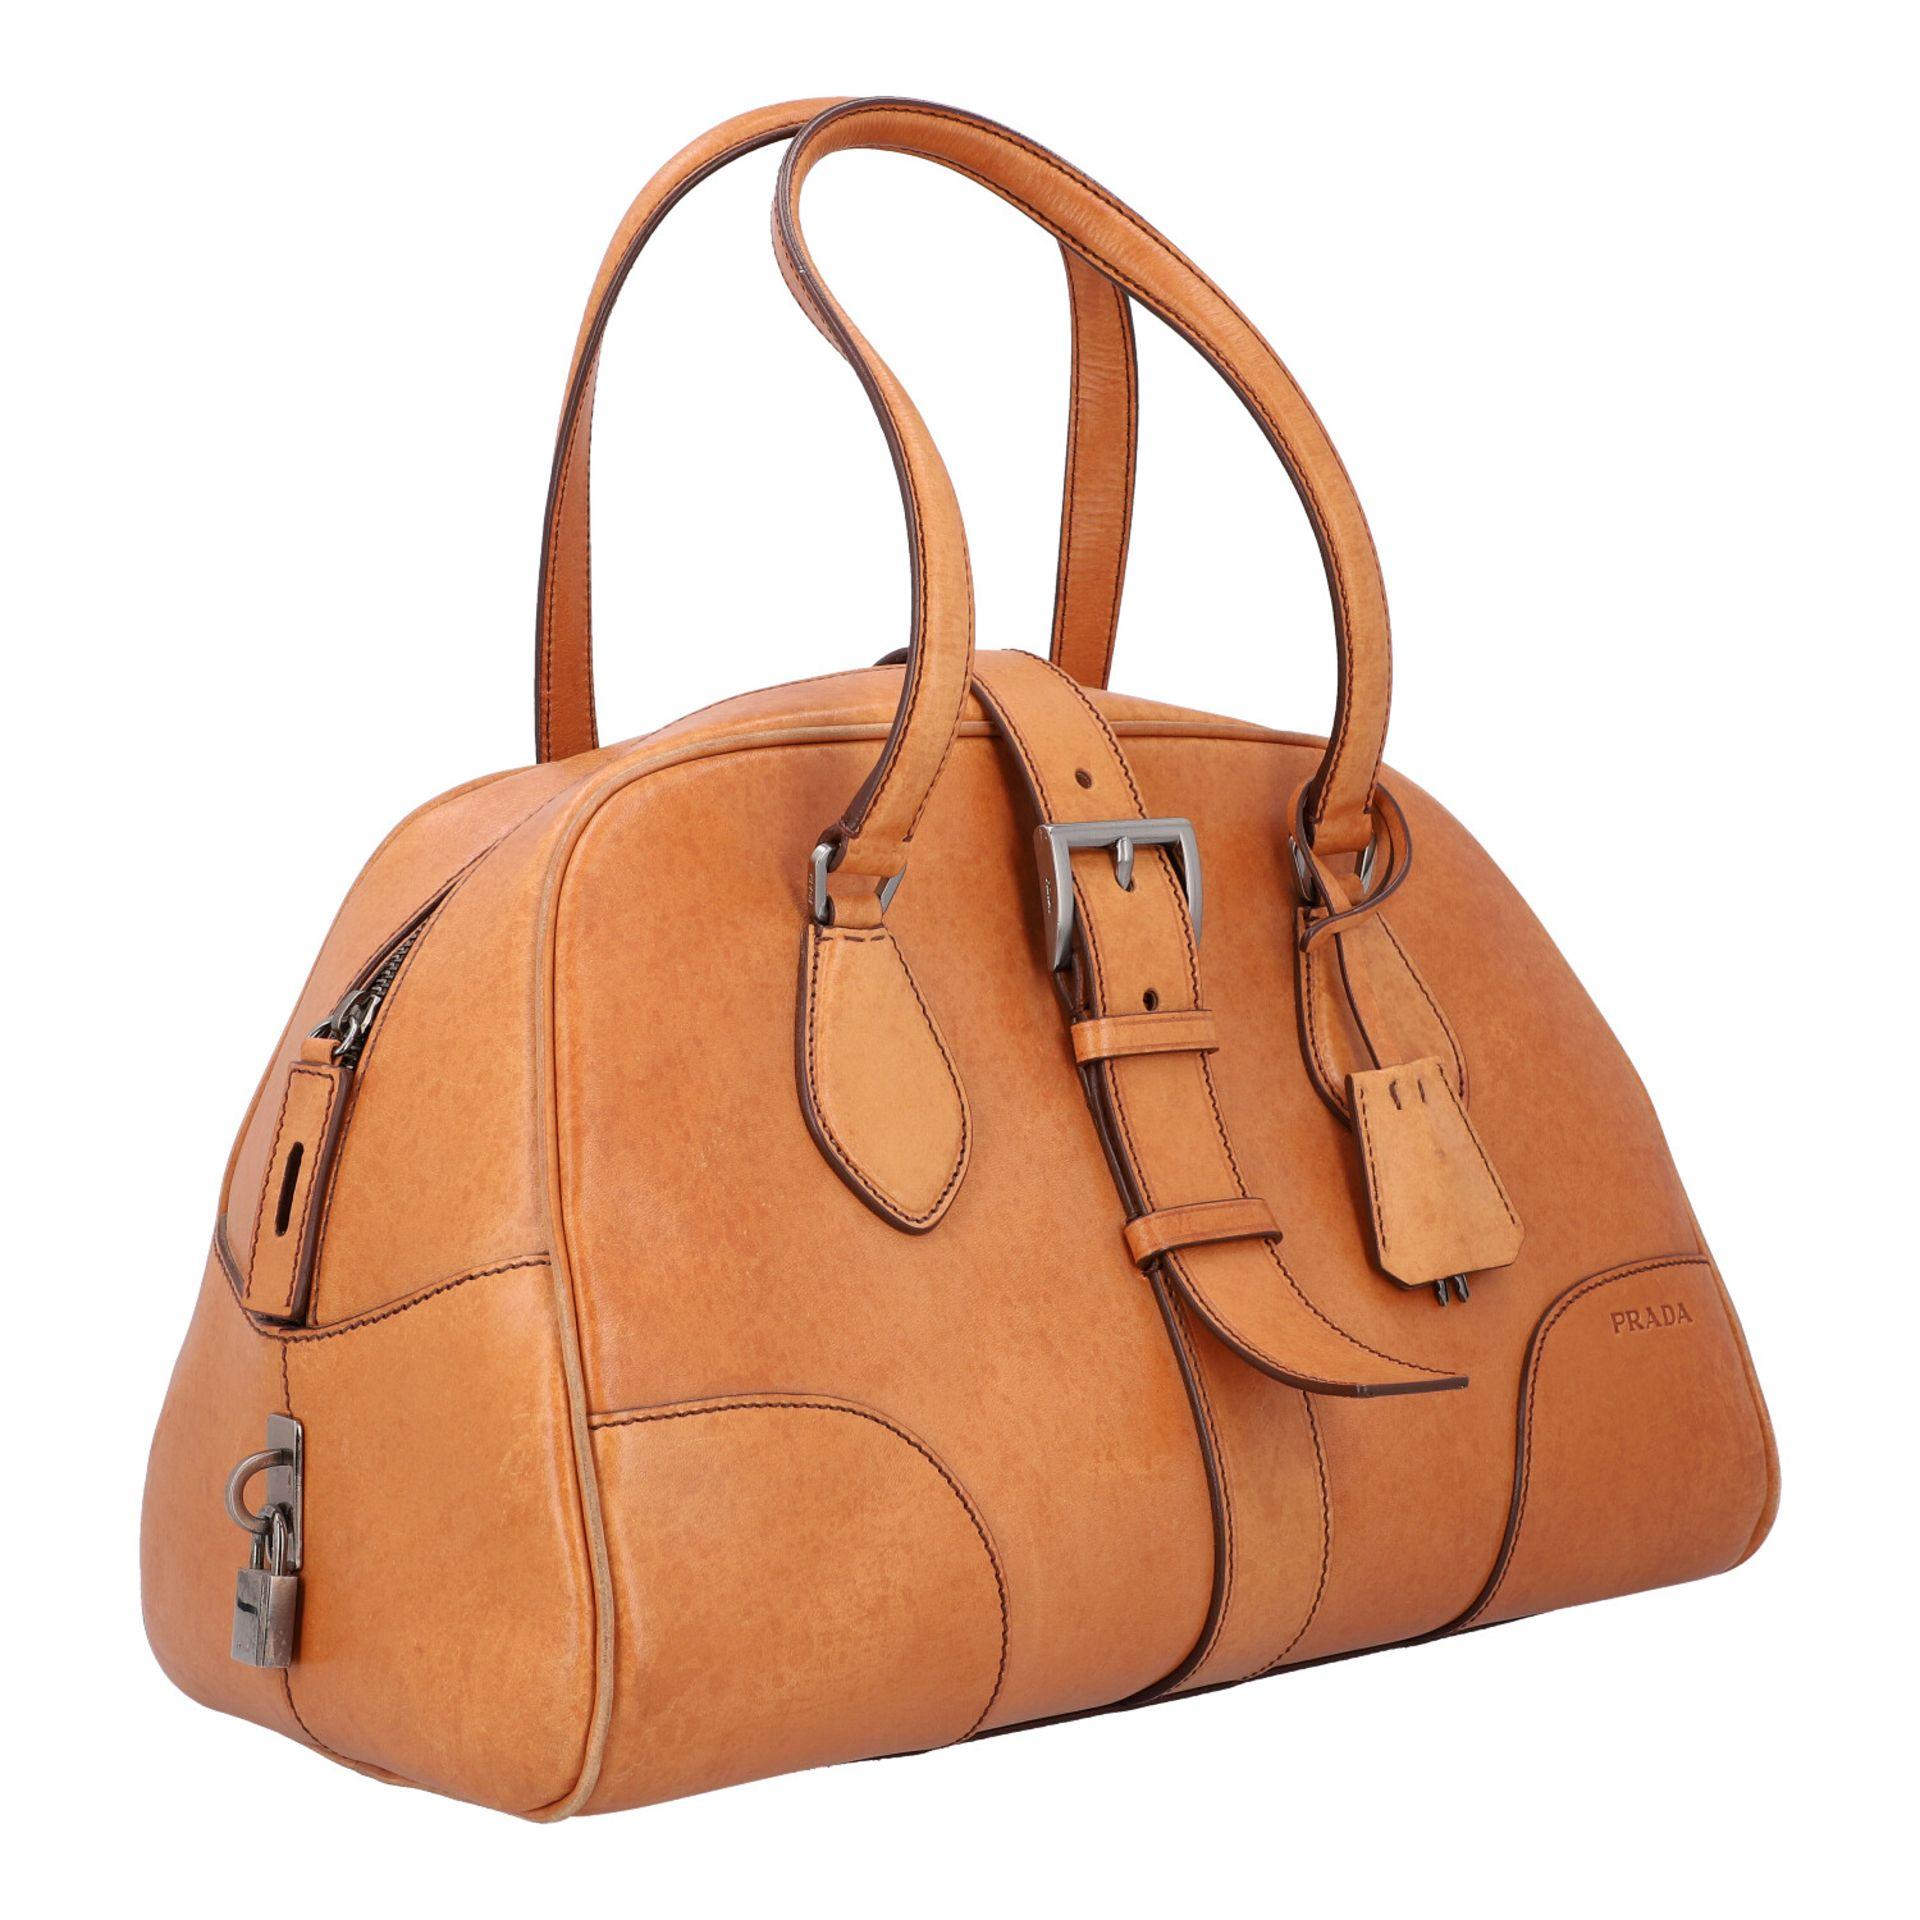 PRADA Handtasche. Glattleder in Beige mit silberfarbener Hardware, stabiles Modell mit - Image 2 of 8